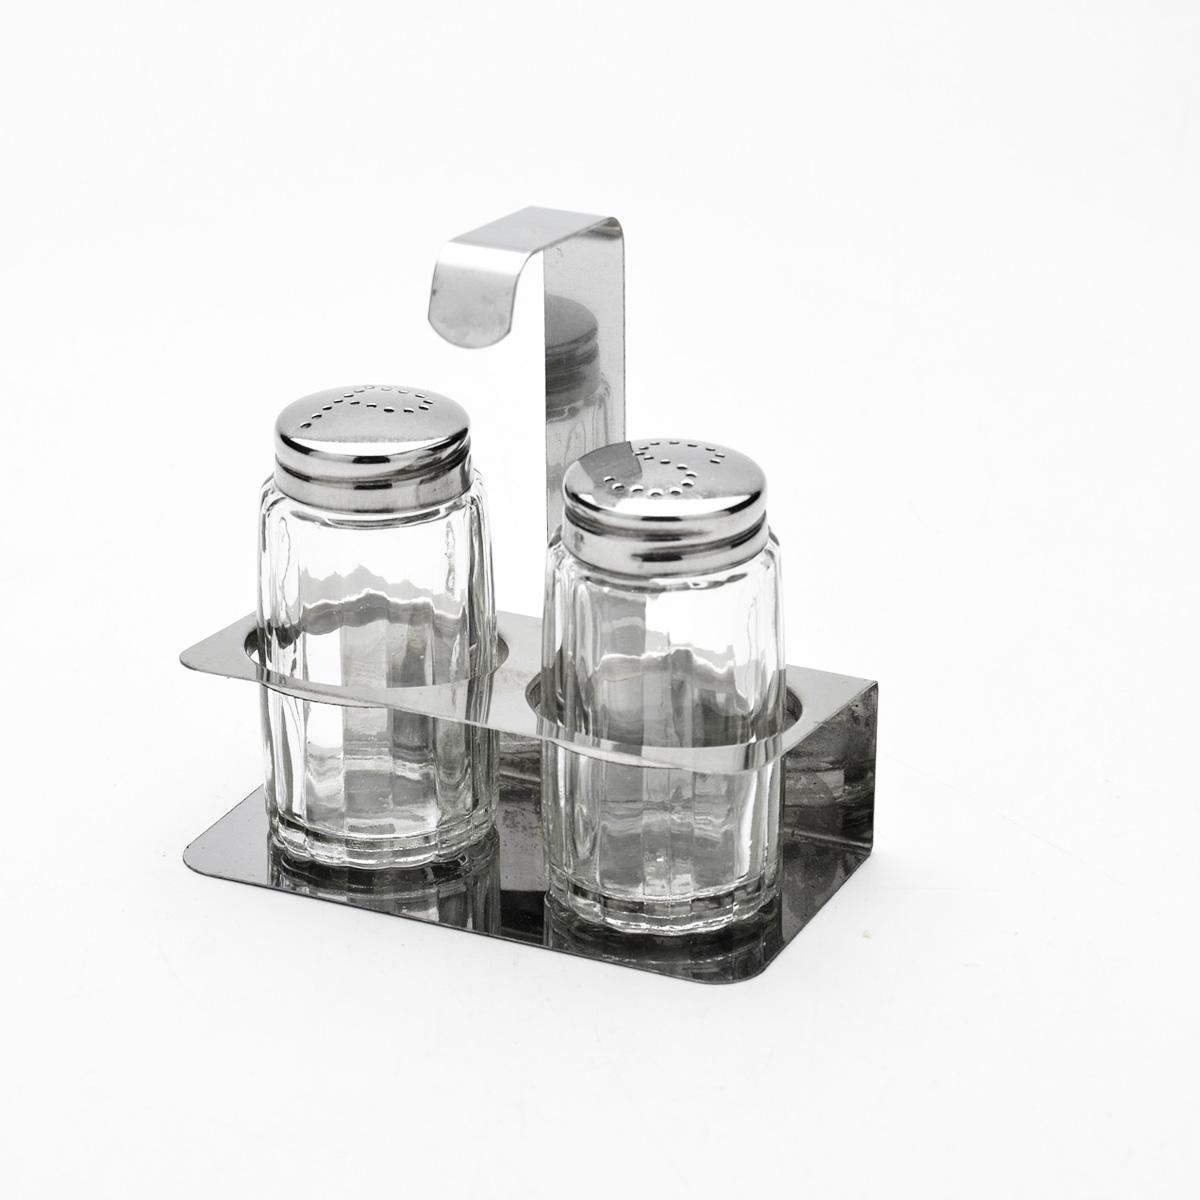 Набор для специй Mayer & Boch, 3 предмета. 9202115510Набор для специй Mayer & Boch состоит из солонки, перечницы и подставки. Емкости выполнены из высококачественного стекла. Крышки емкостей, а также подставка выполнены из нержавеющей стали. Подставка оснащена ручкой. Набор для специй Mayer & Boch прекрасно оформит кухонный стол и станет незаменимым аксессуаром на любой кухне.Размер емкостей: 3,5 см х 3,5 см х 7 см.Размер подставки: 10 см х 5 см х 10 см.Размер емкостей: 3,5 см х 3,5 см х 7 см.Размер подставки: 10 см х 5 см х 10 см.